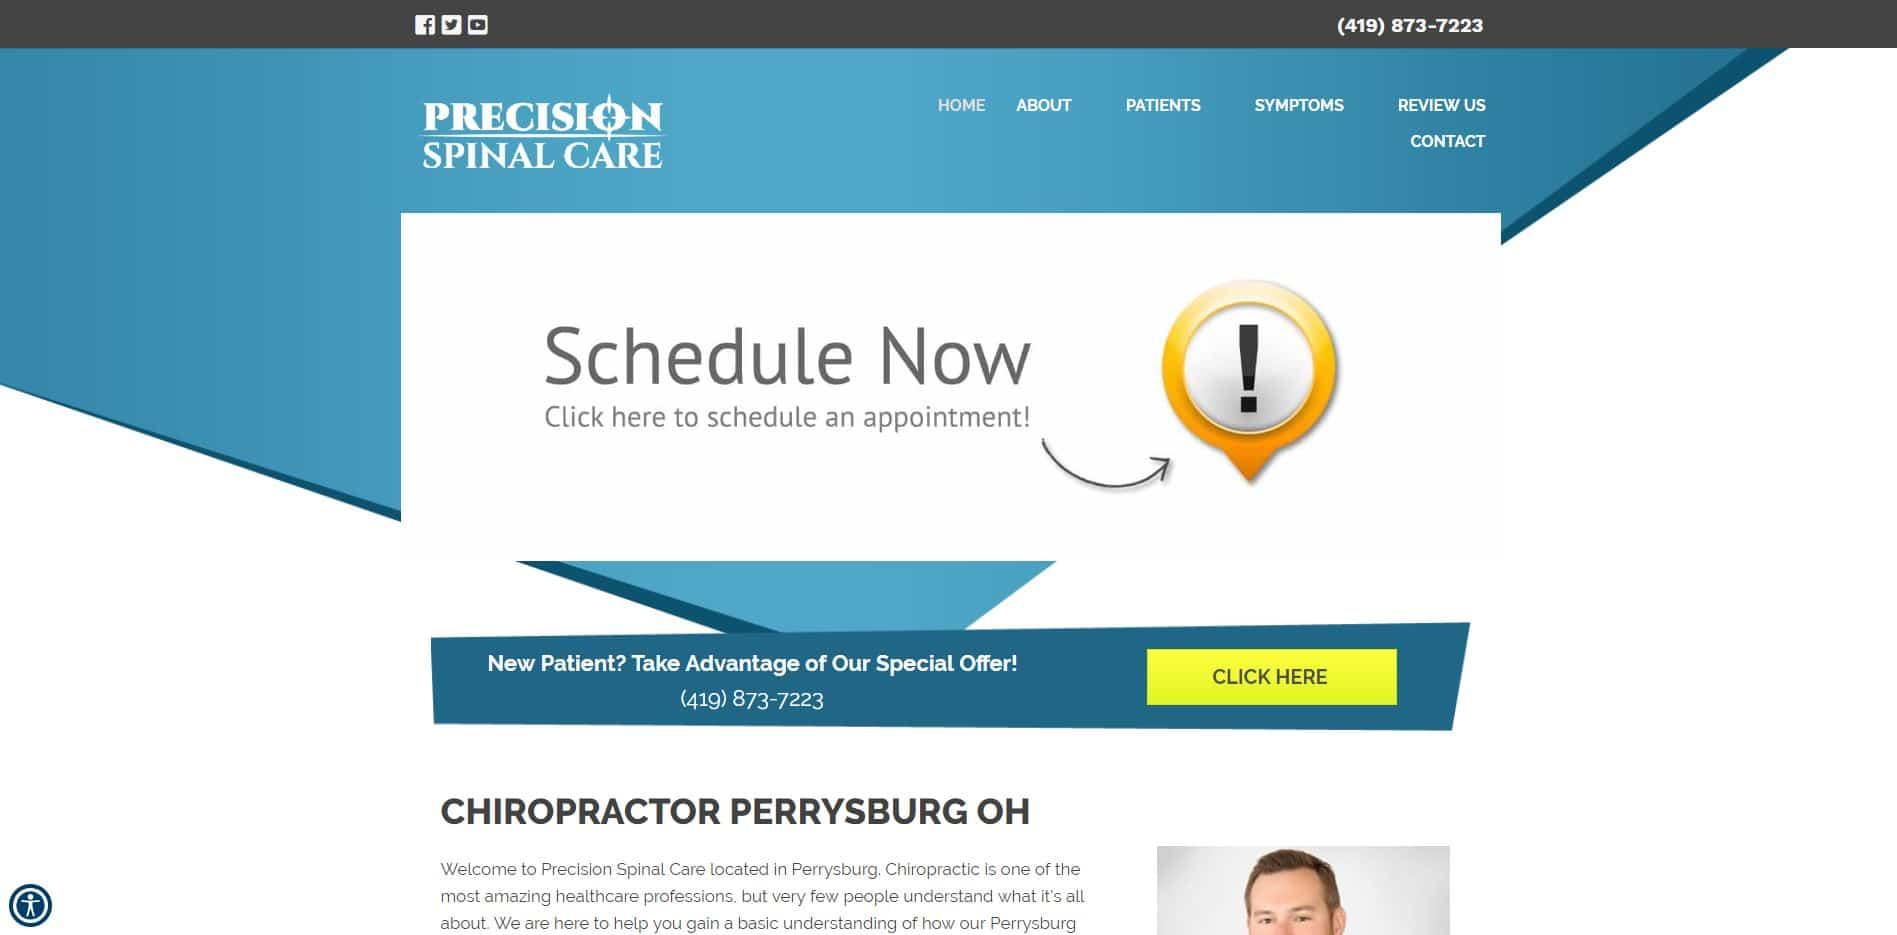 Chiropractor in Perrysburg